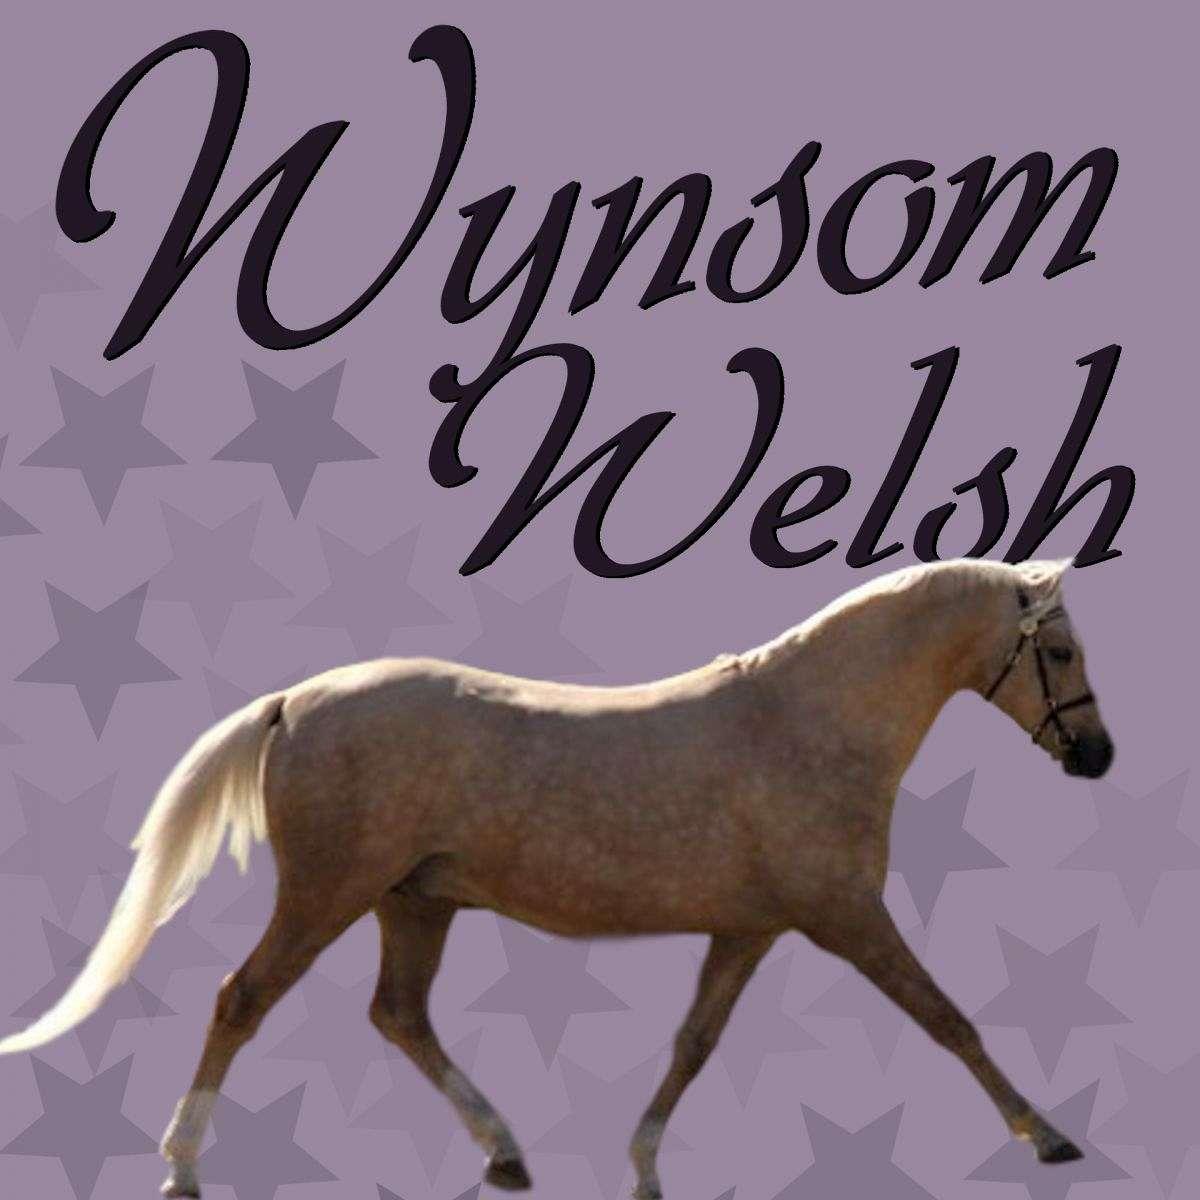 Wynsom Welsh